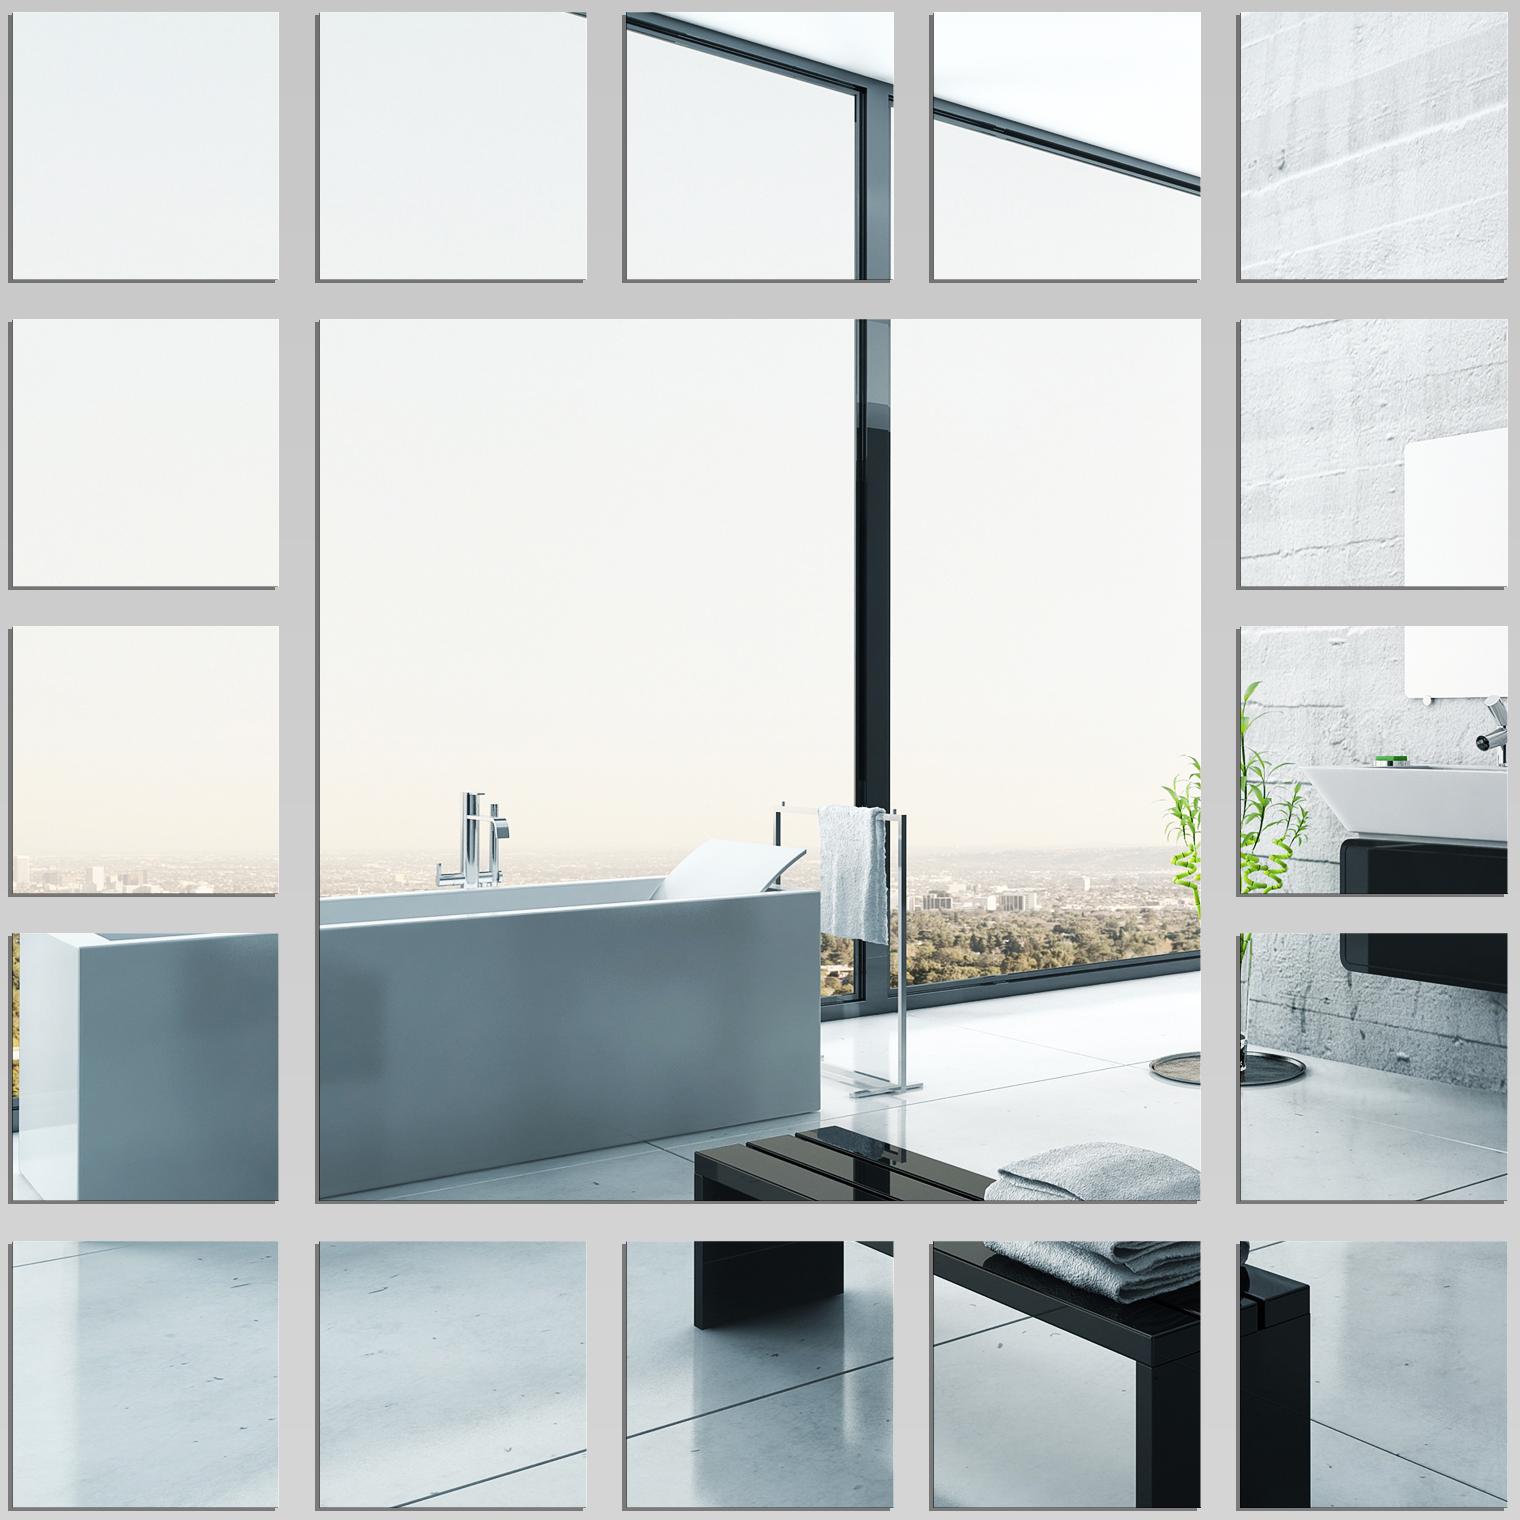 Miroir plexiglass acrylique carr s minimaxi pas cher for Miroir 70x70